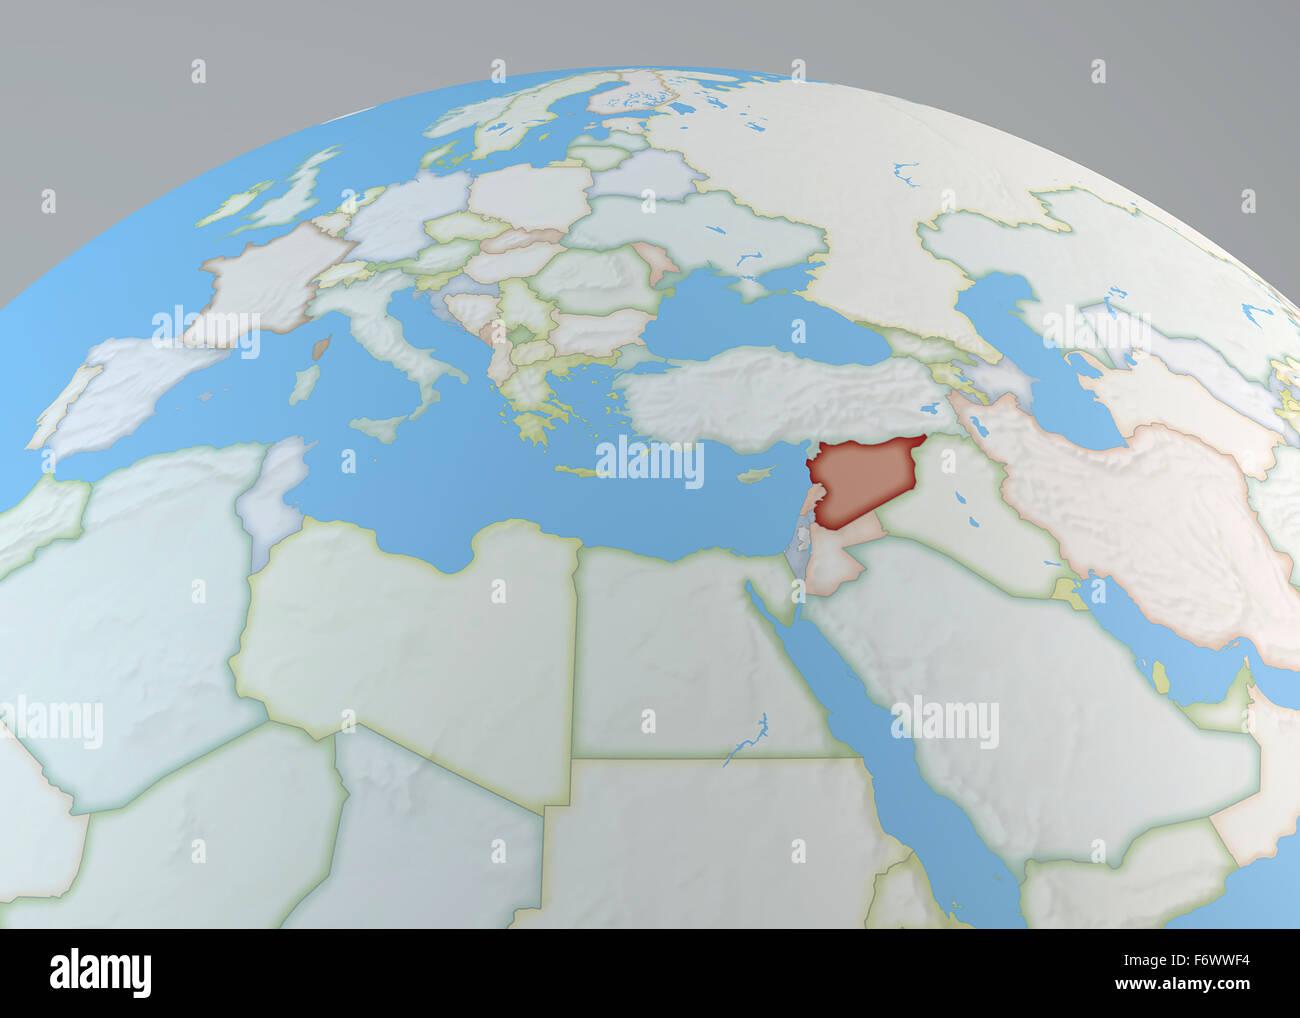 Cartina Europa E Medio Oriente.Mappa Mondiale Del Medio Oriente Con La Siria Ha Evidenziato Africa Del Nord E In Europa Foto Stock Alamy